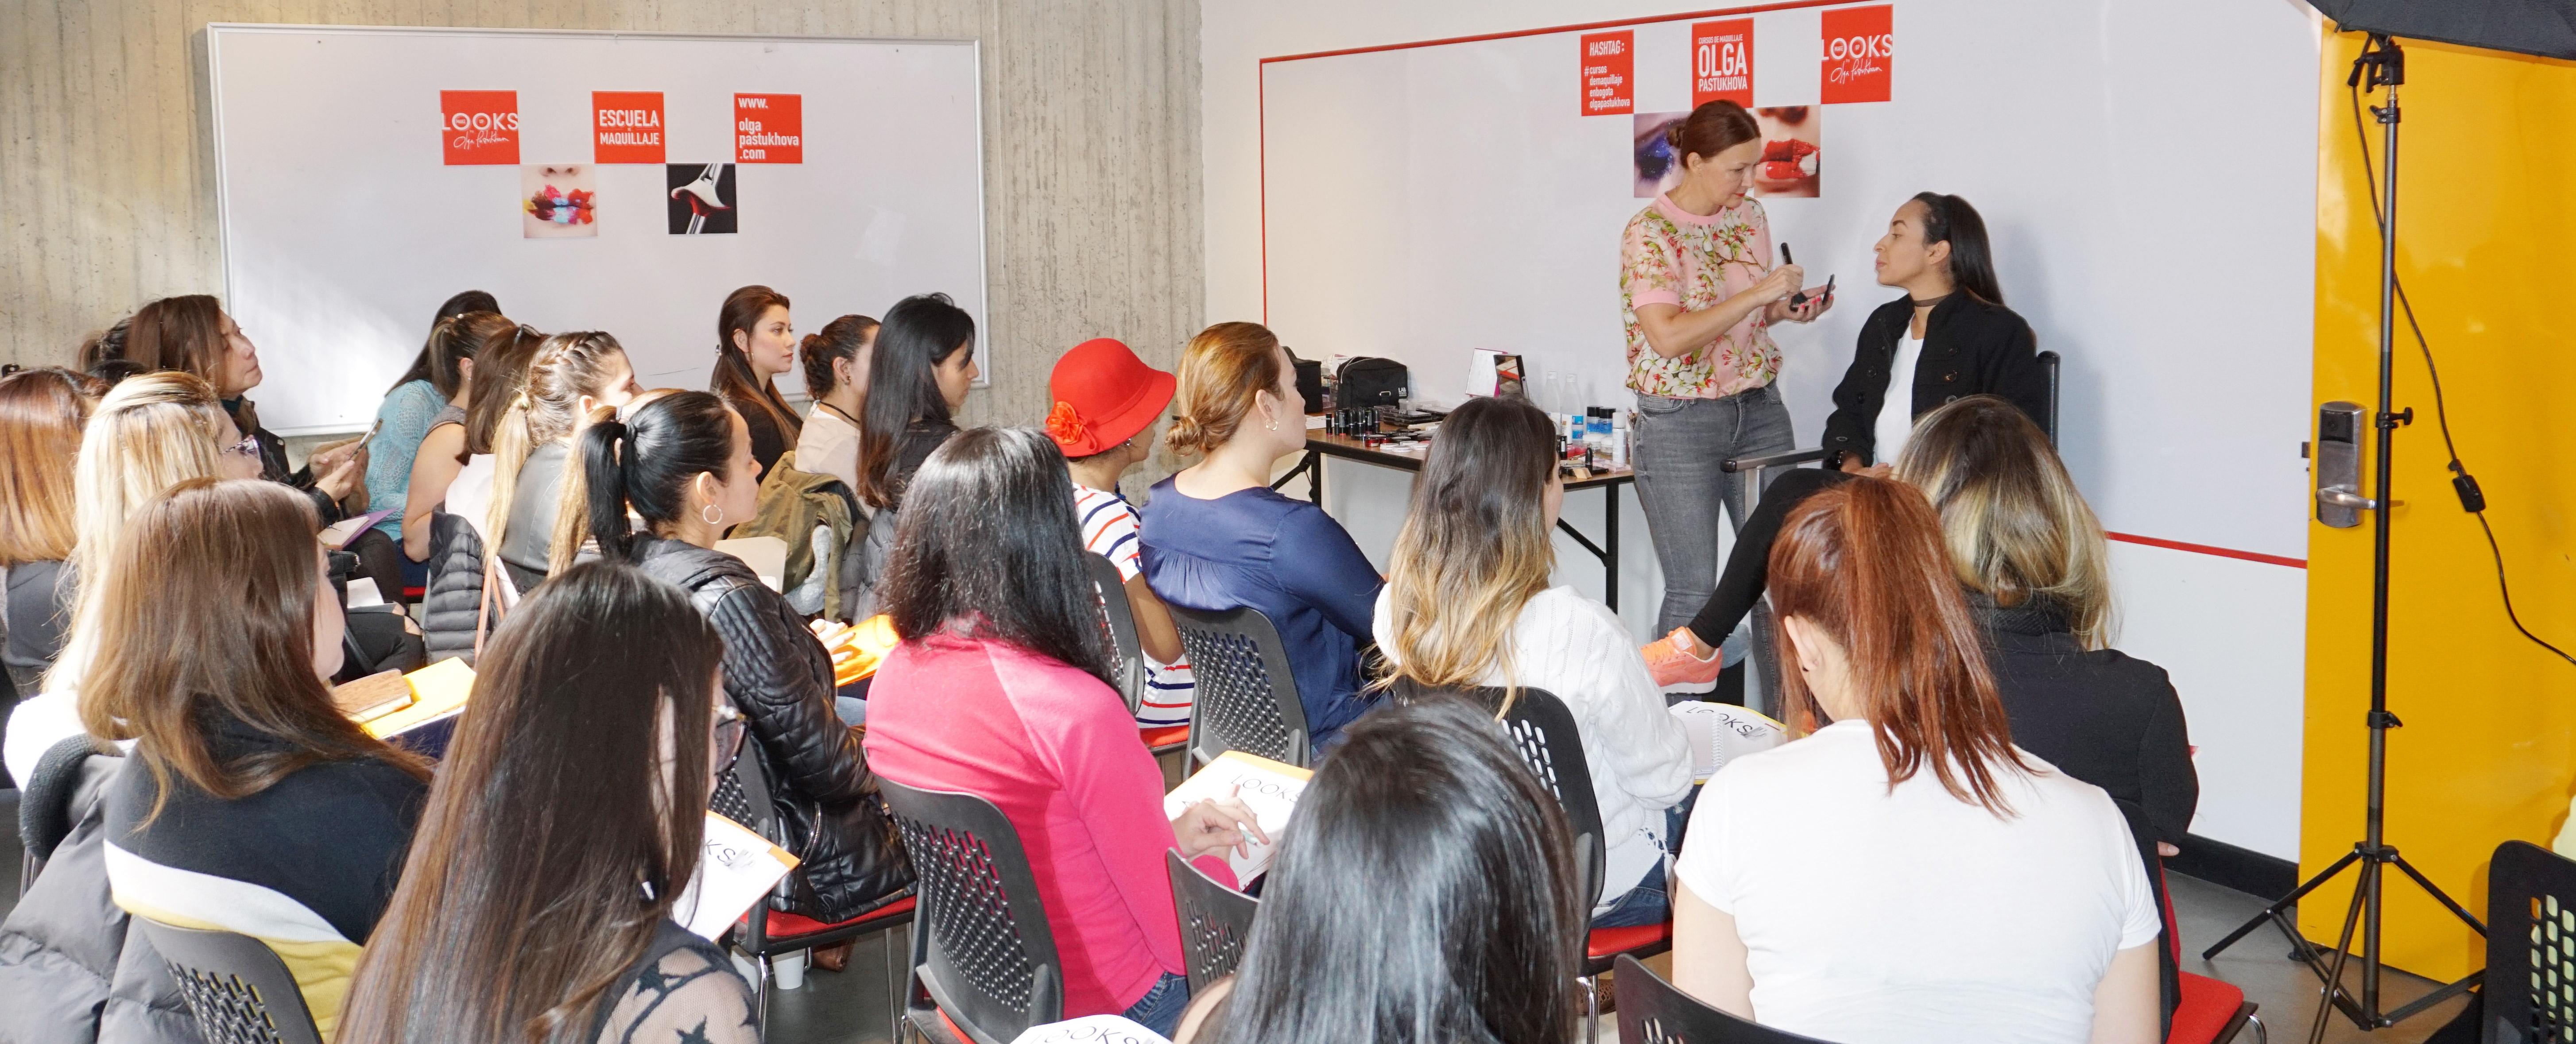 cursos_maquillaje_olga-pastukhova-19